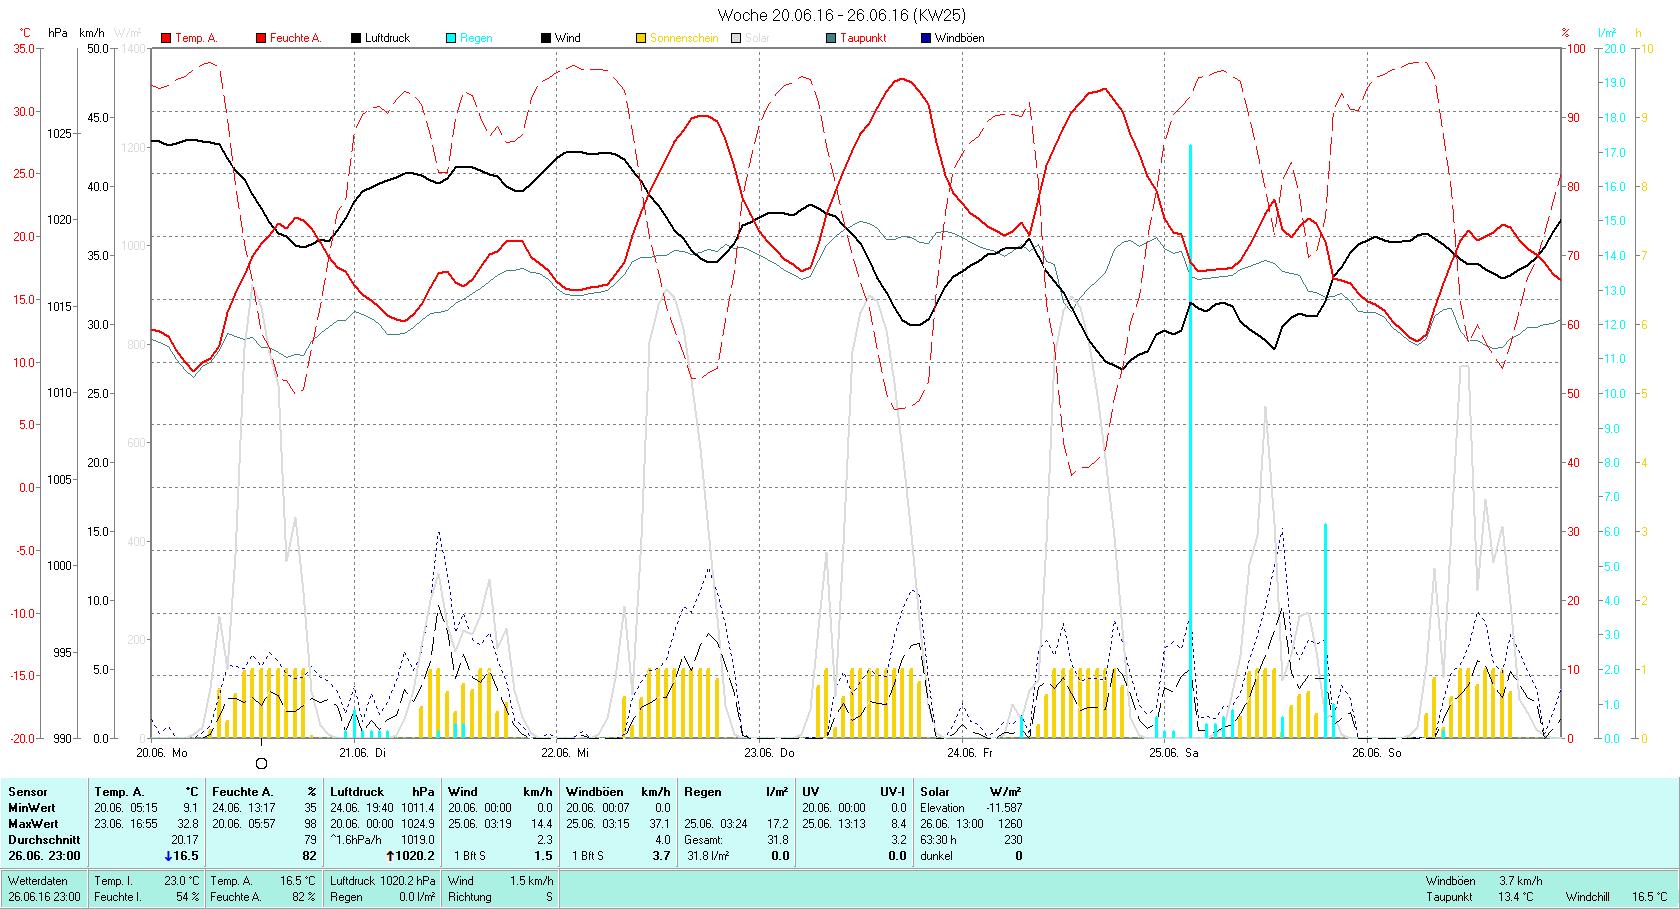 KW 25 Tmin 9.1°C, Tmax 32.8°C, Sonne 63:30h, Niederschlag 31.8mm/2